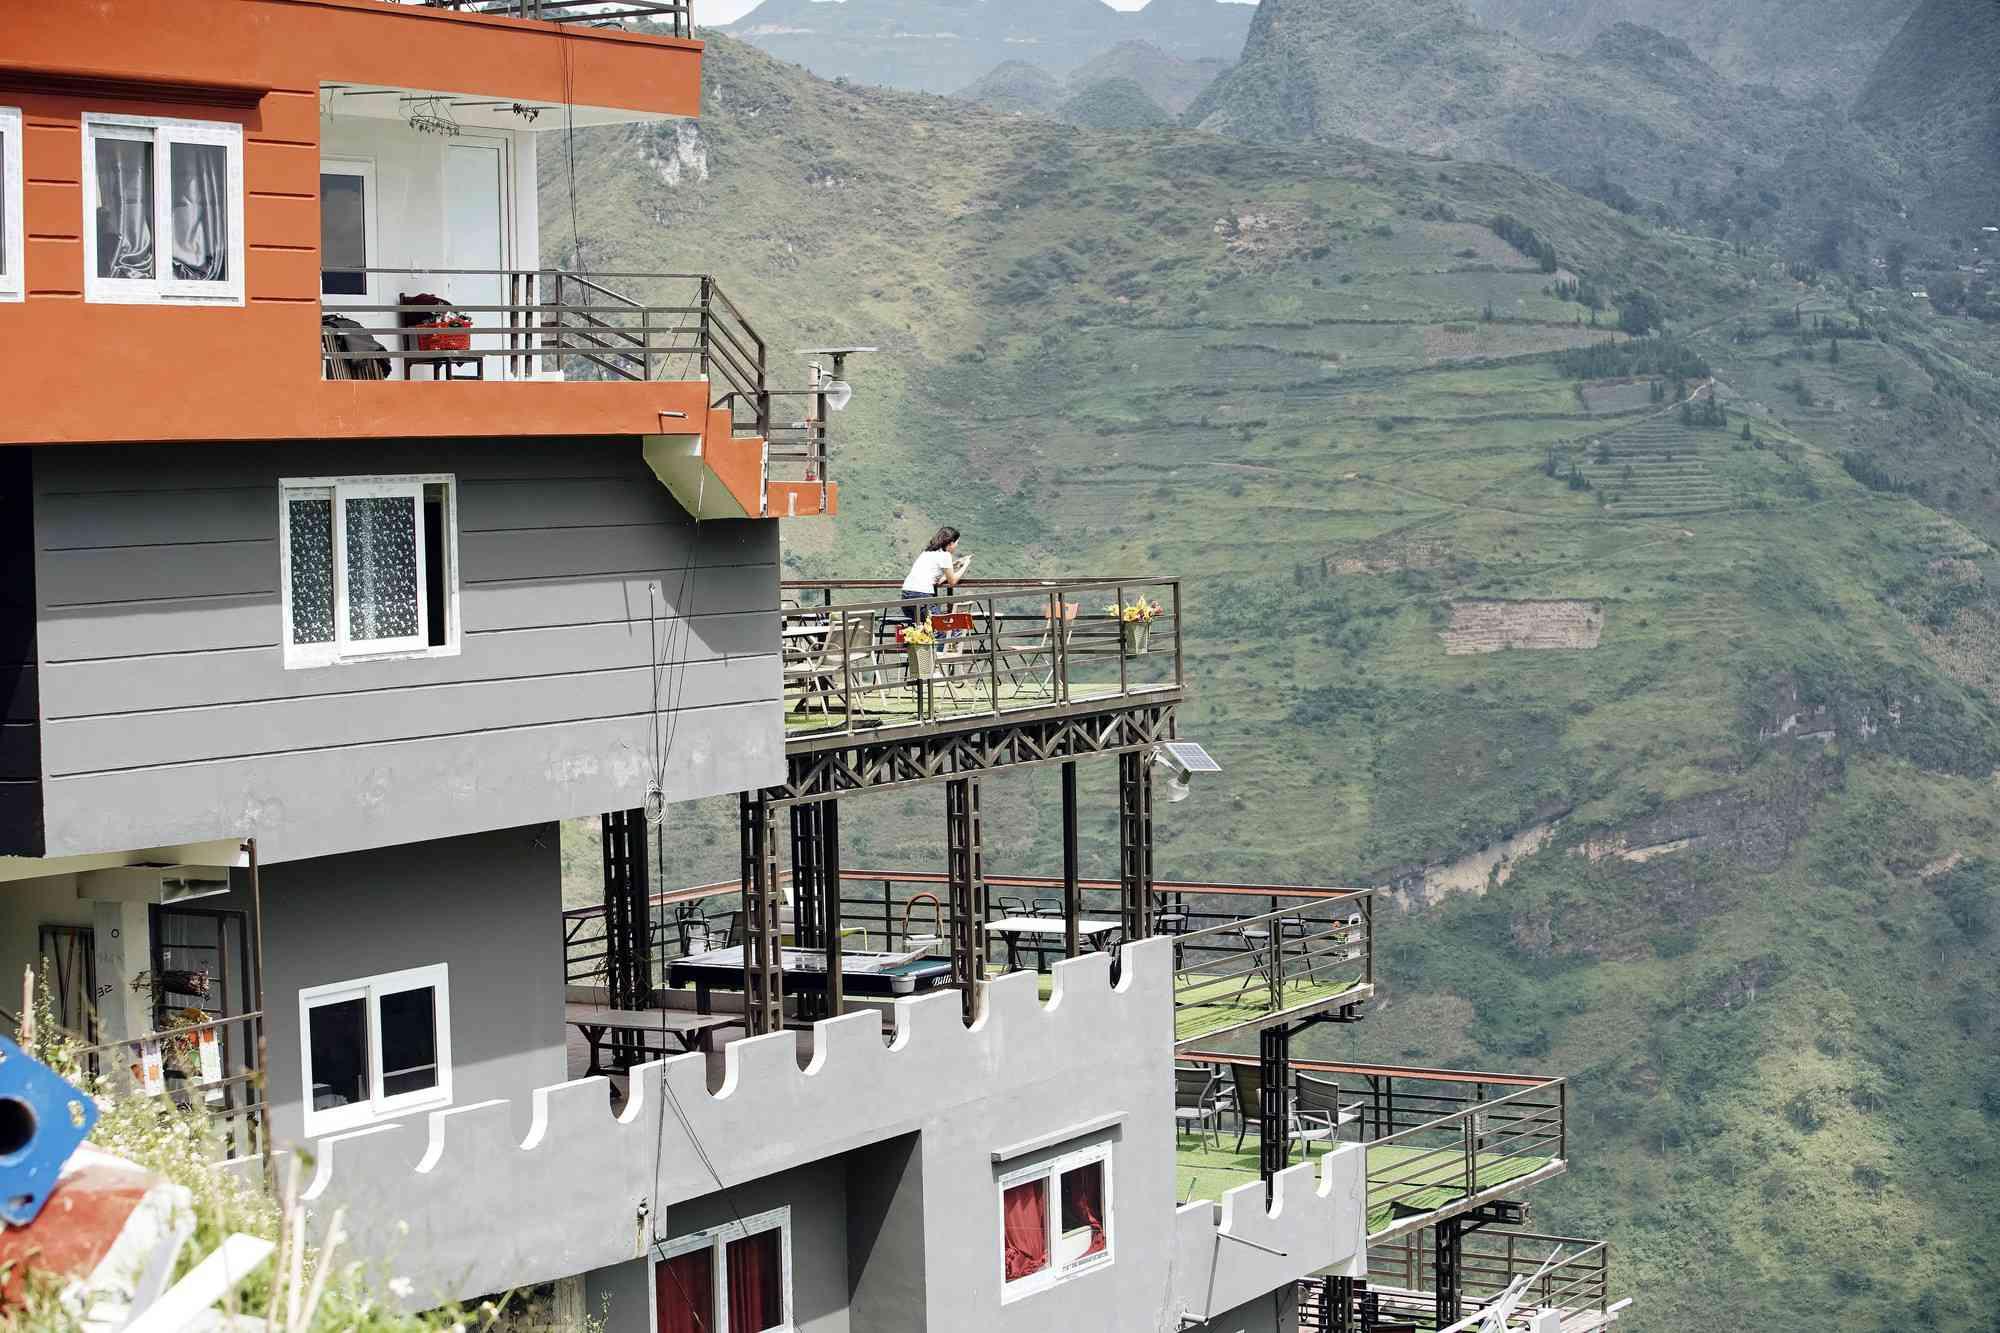 Đề xuất phá dỡ 7 tầng nổi công trình Panorama sai phạm ở đèo Mã Pí Lèng - 2